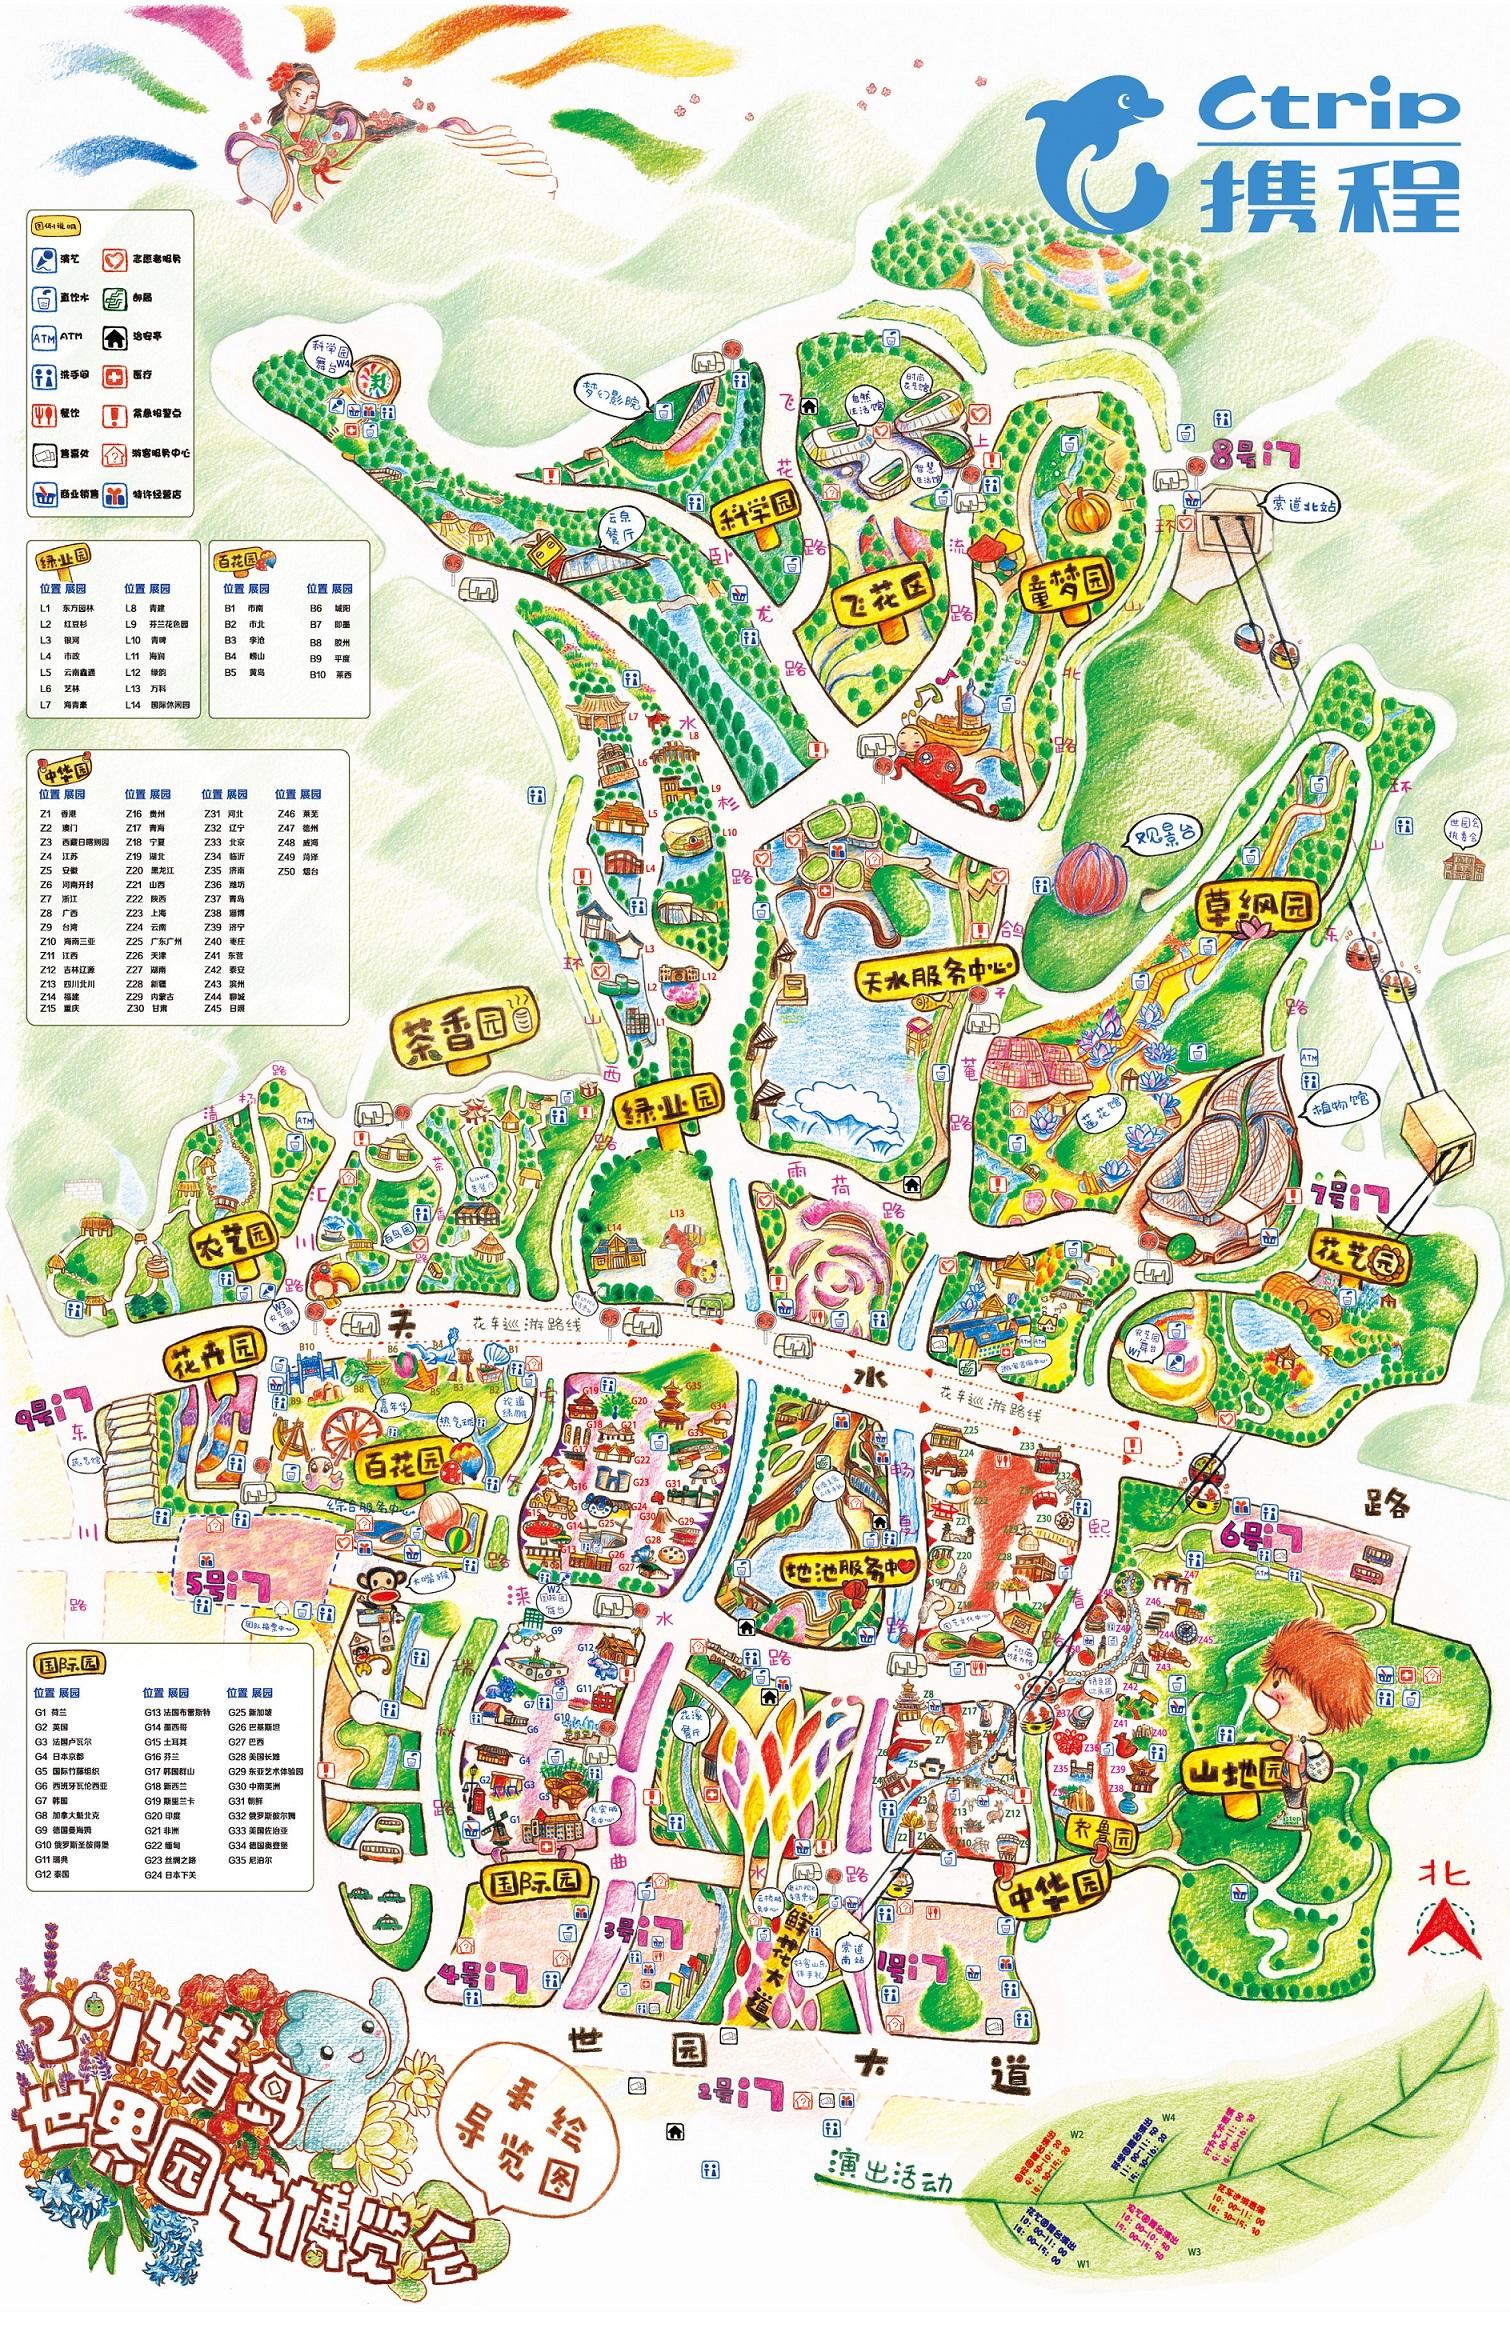 点此查看青岛世园会导览图